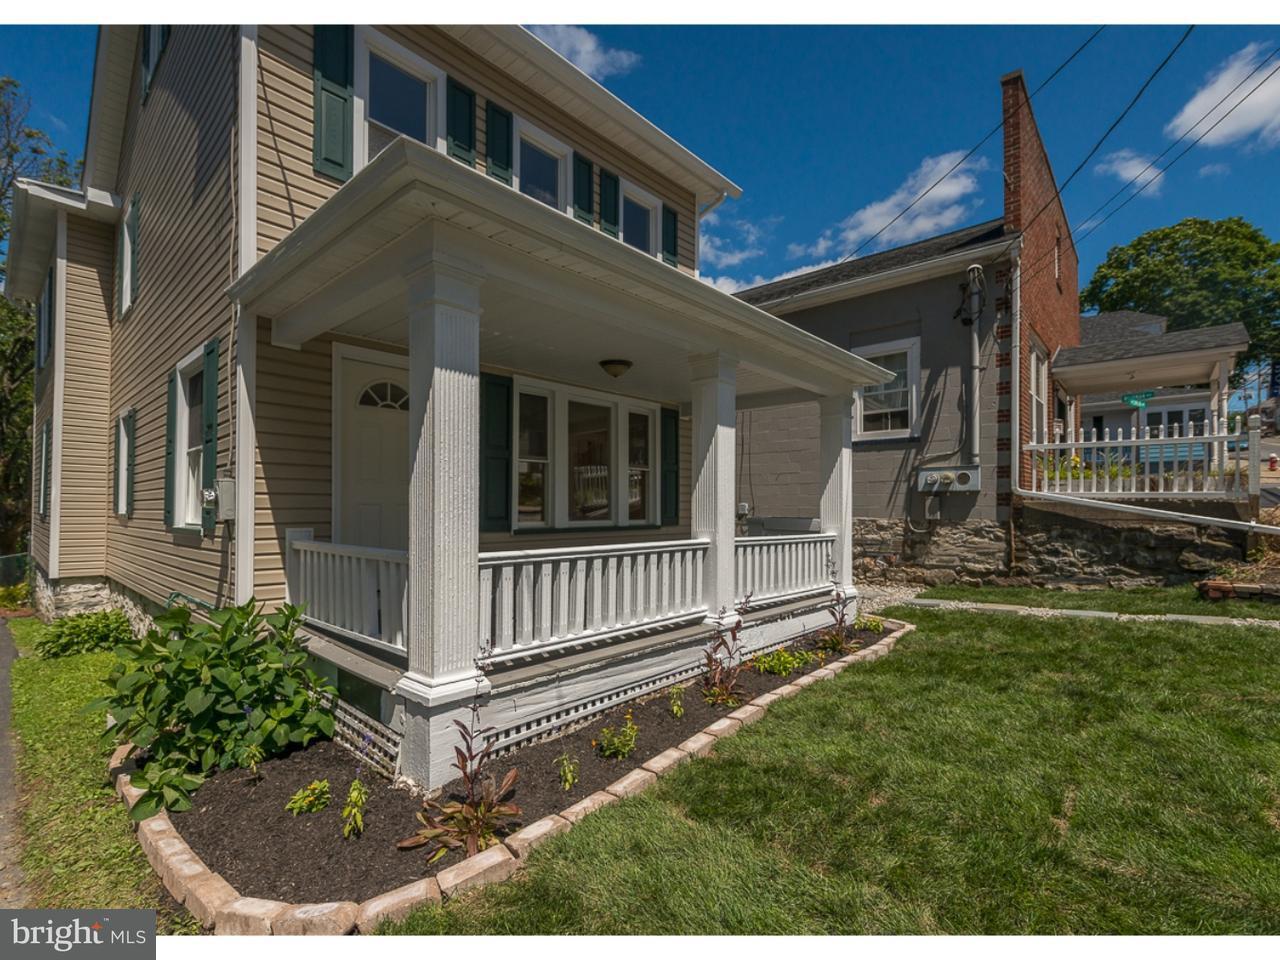 独户住宅 为 销售 在 124 W CENTRAL Avenue Bangor, 宾夕法尼亚州 18013 美国